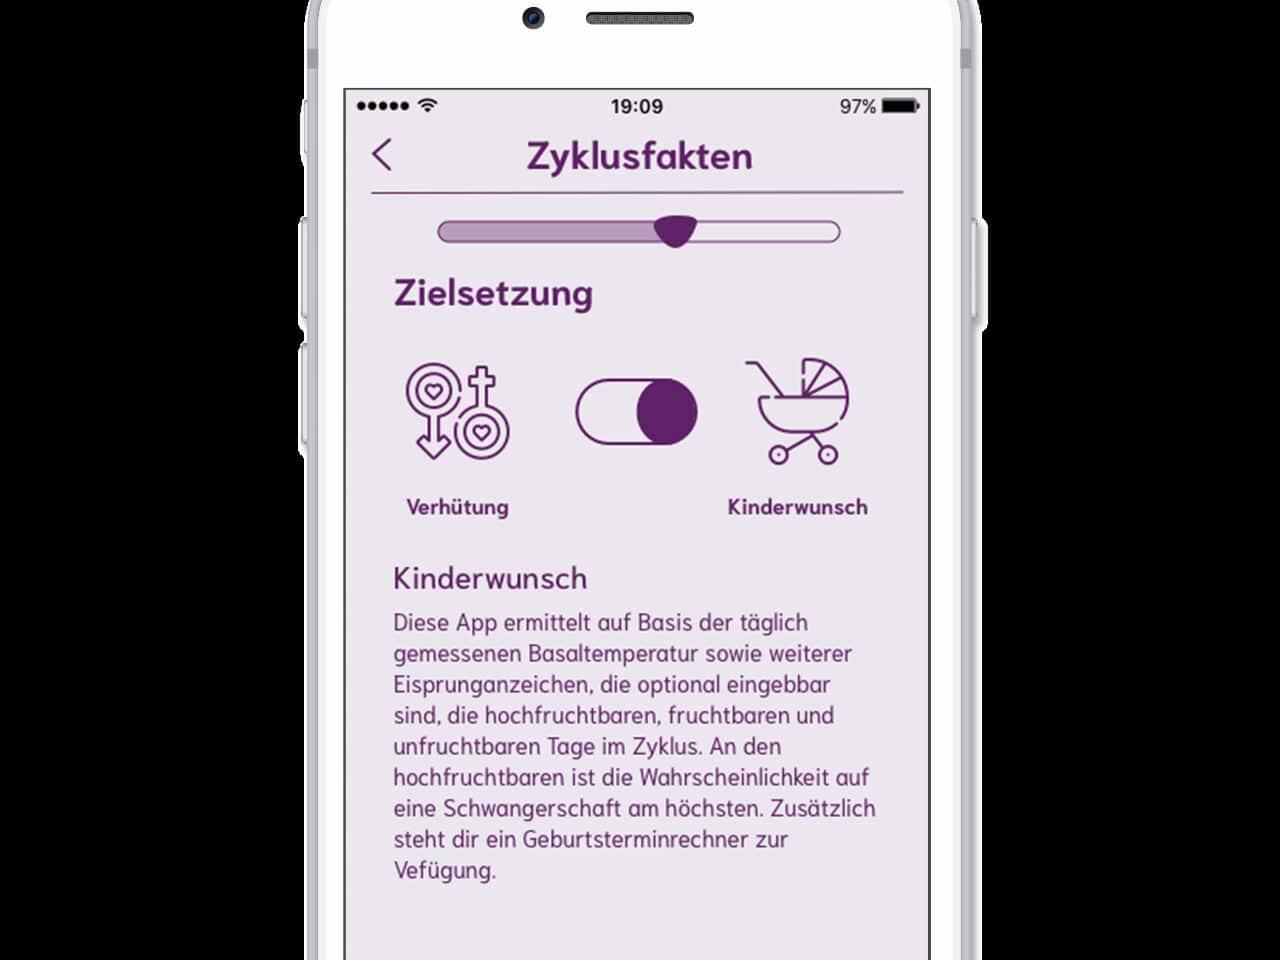 Bei einer Zyklus-App lässt sich das Ziel festlegen.